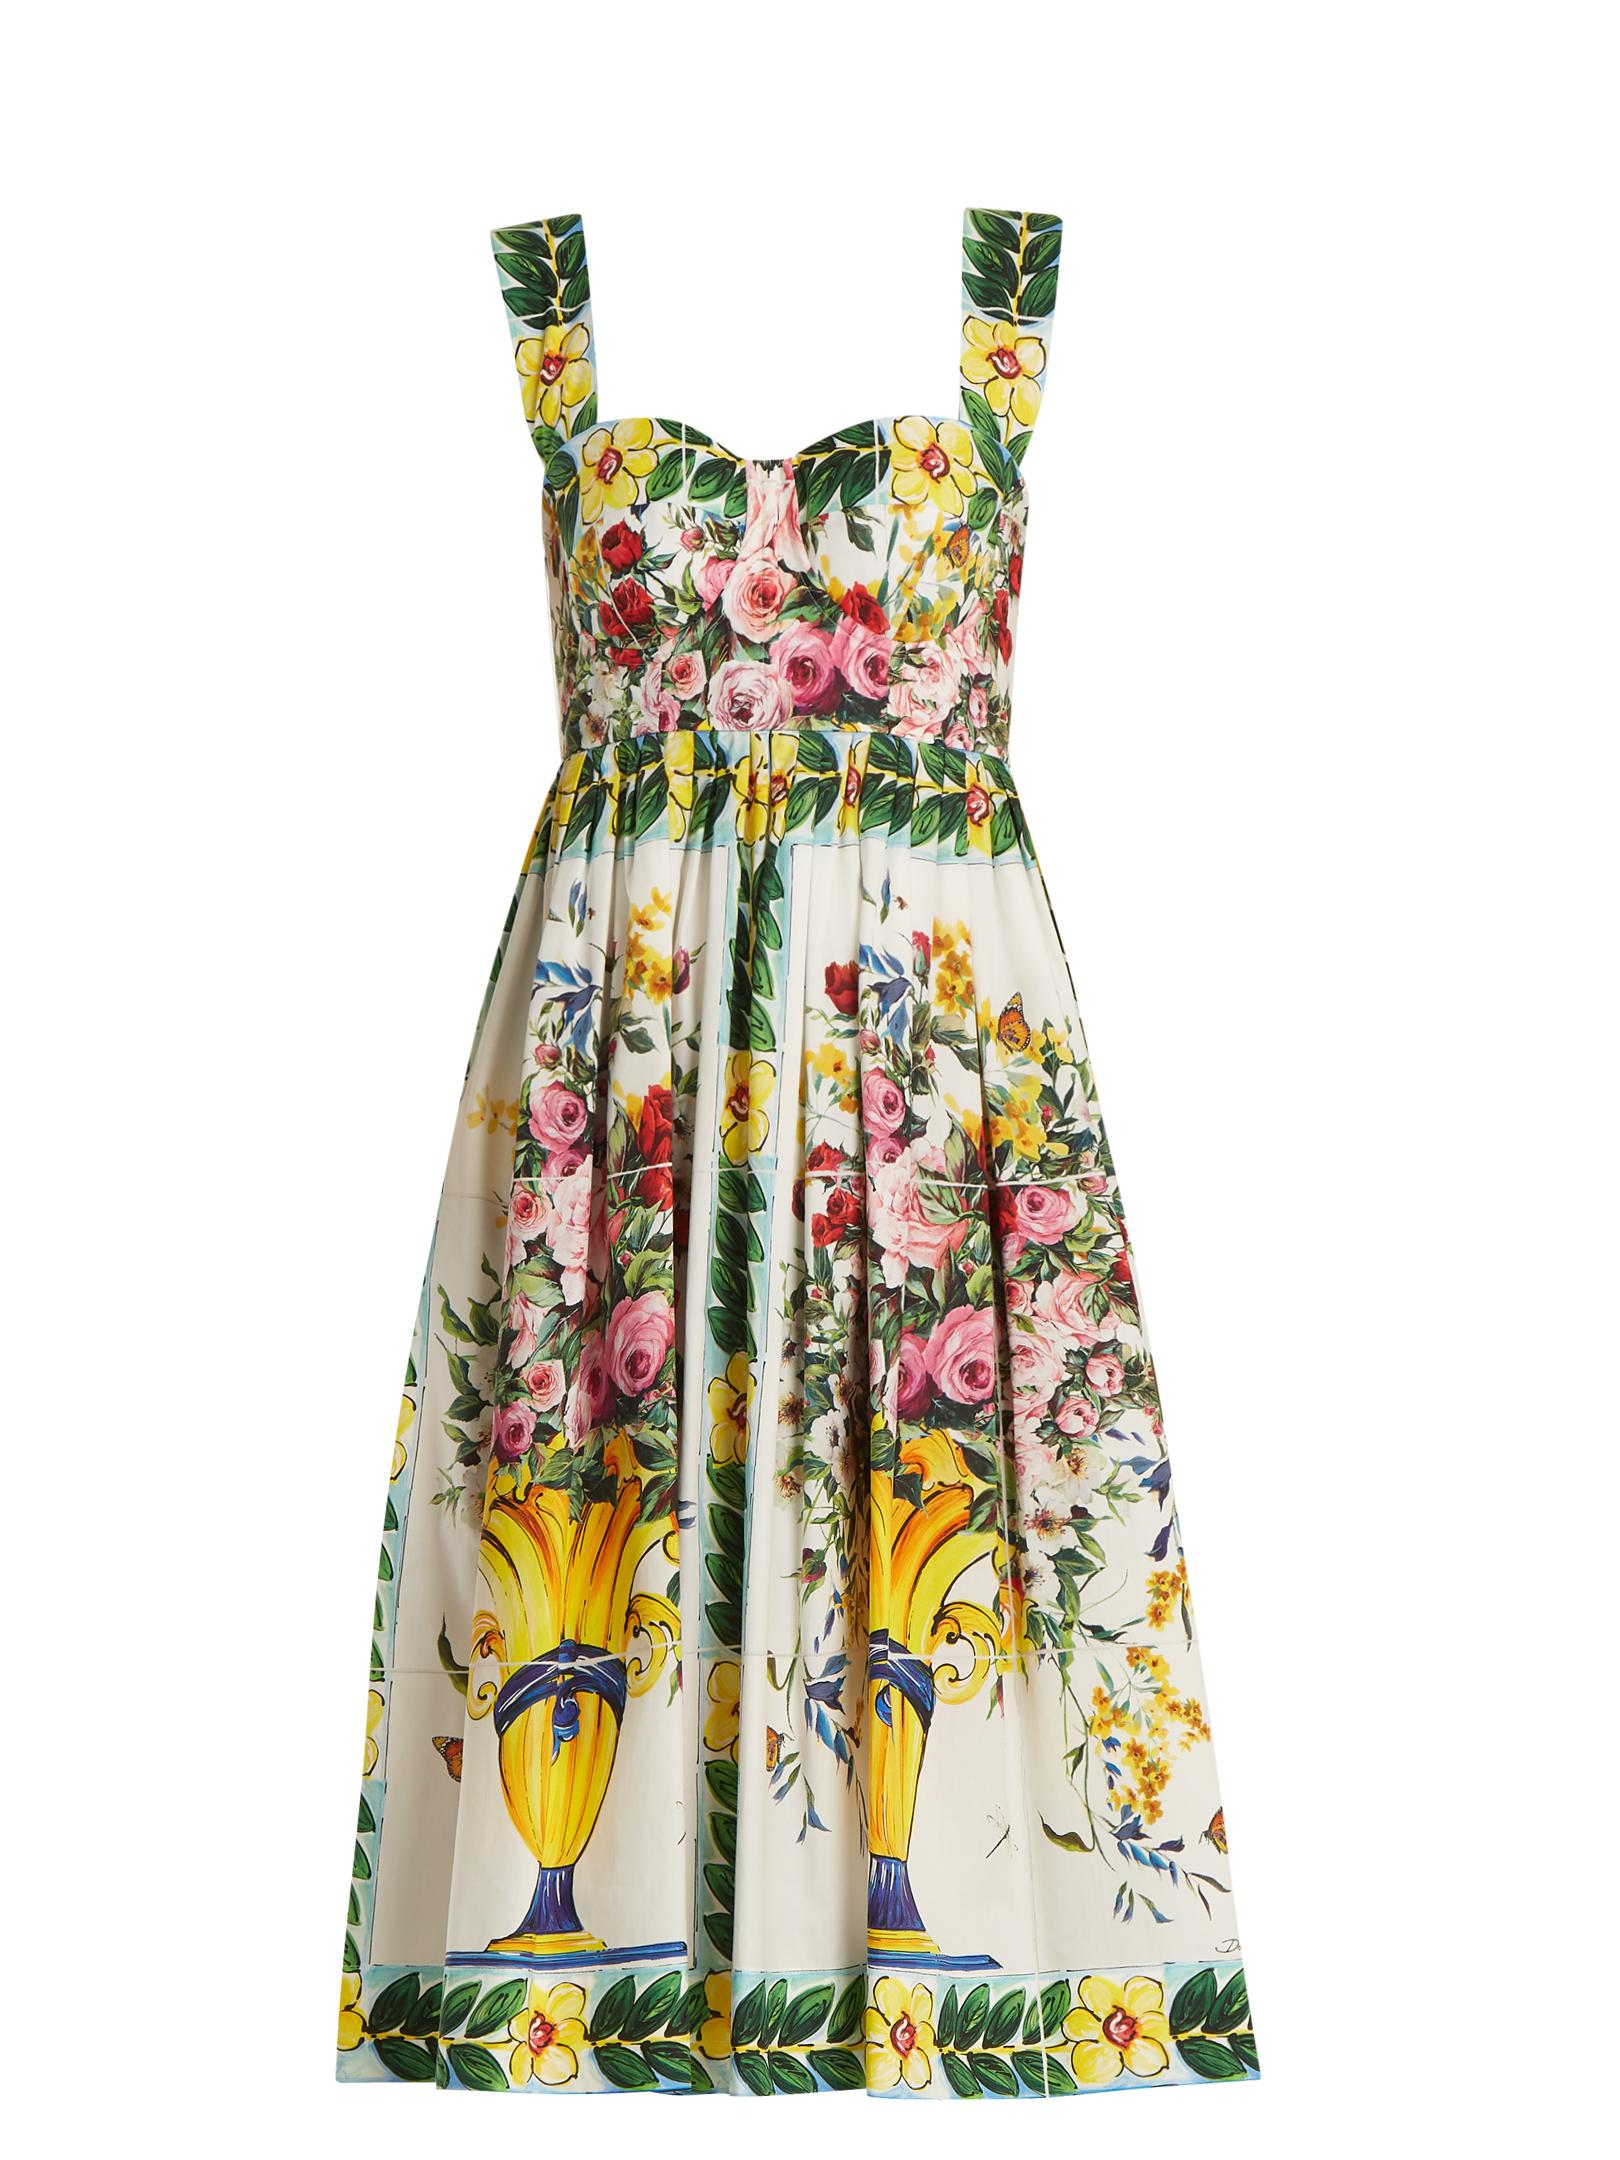 5fa3ff11b5baa Lyst - Dolce   Gabbana Floral-print Gathered-skirt Cotton-poplin ...